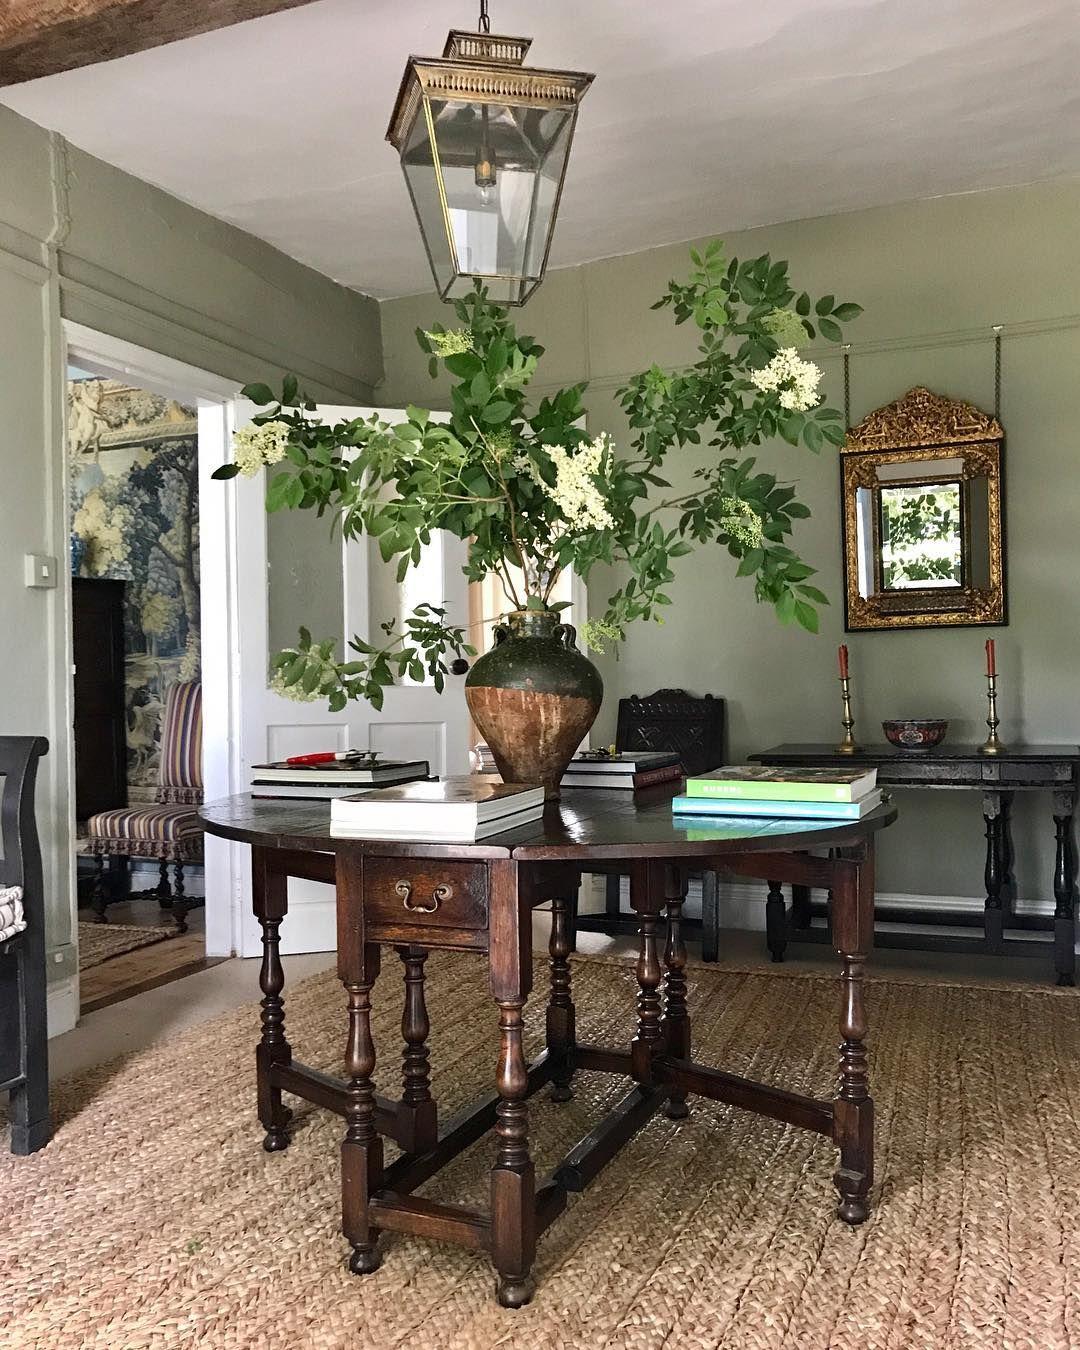 Antique Chic Antiques Foyerdecorating Foyerdesign Traditionalhouse With Images House Interior Decor English Decor